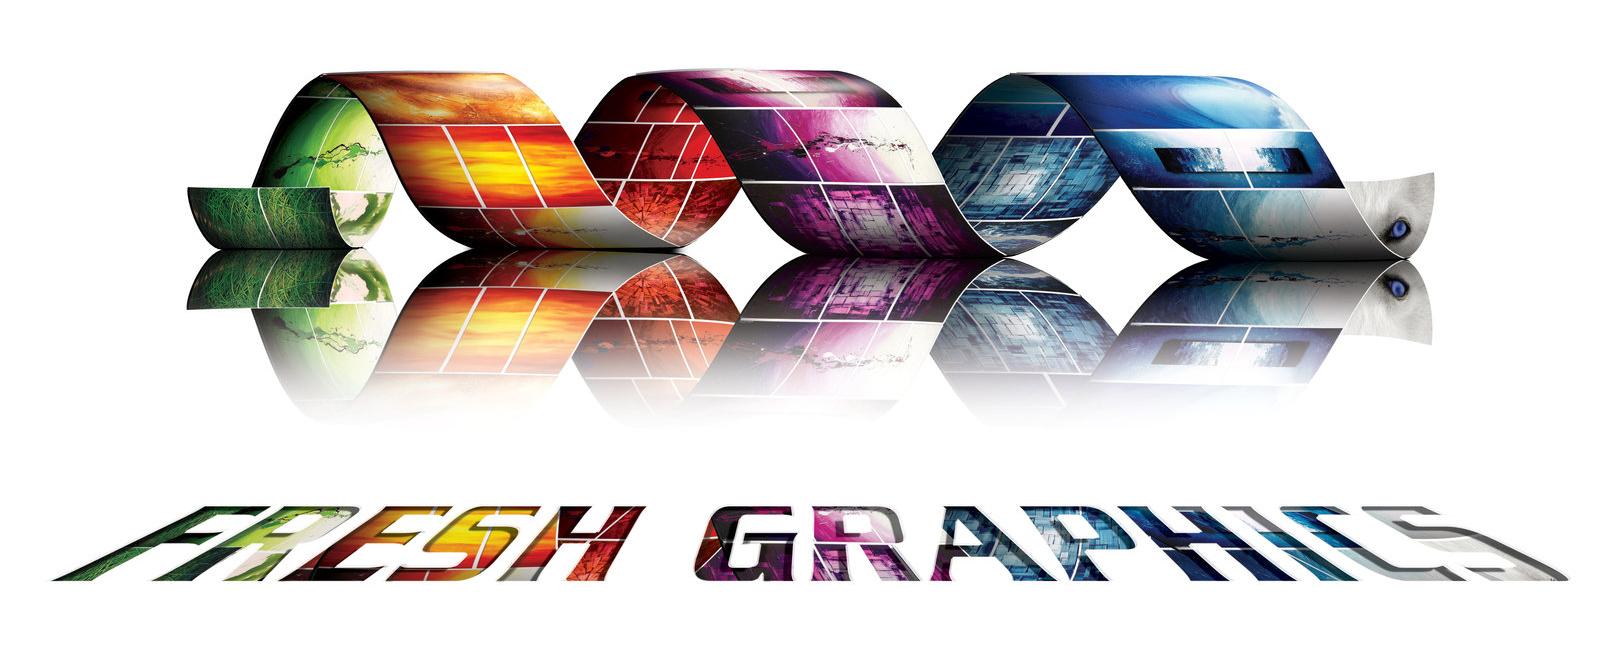 FreshGraphics